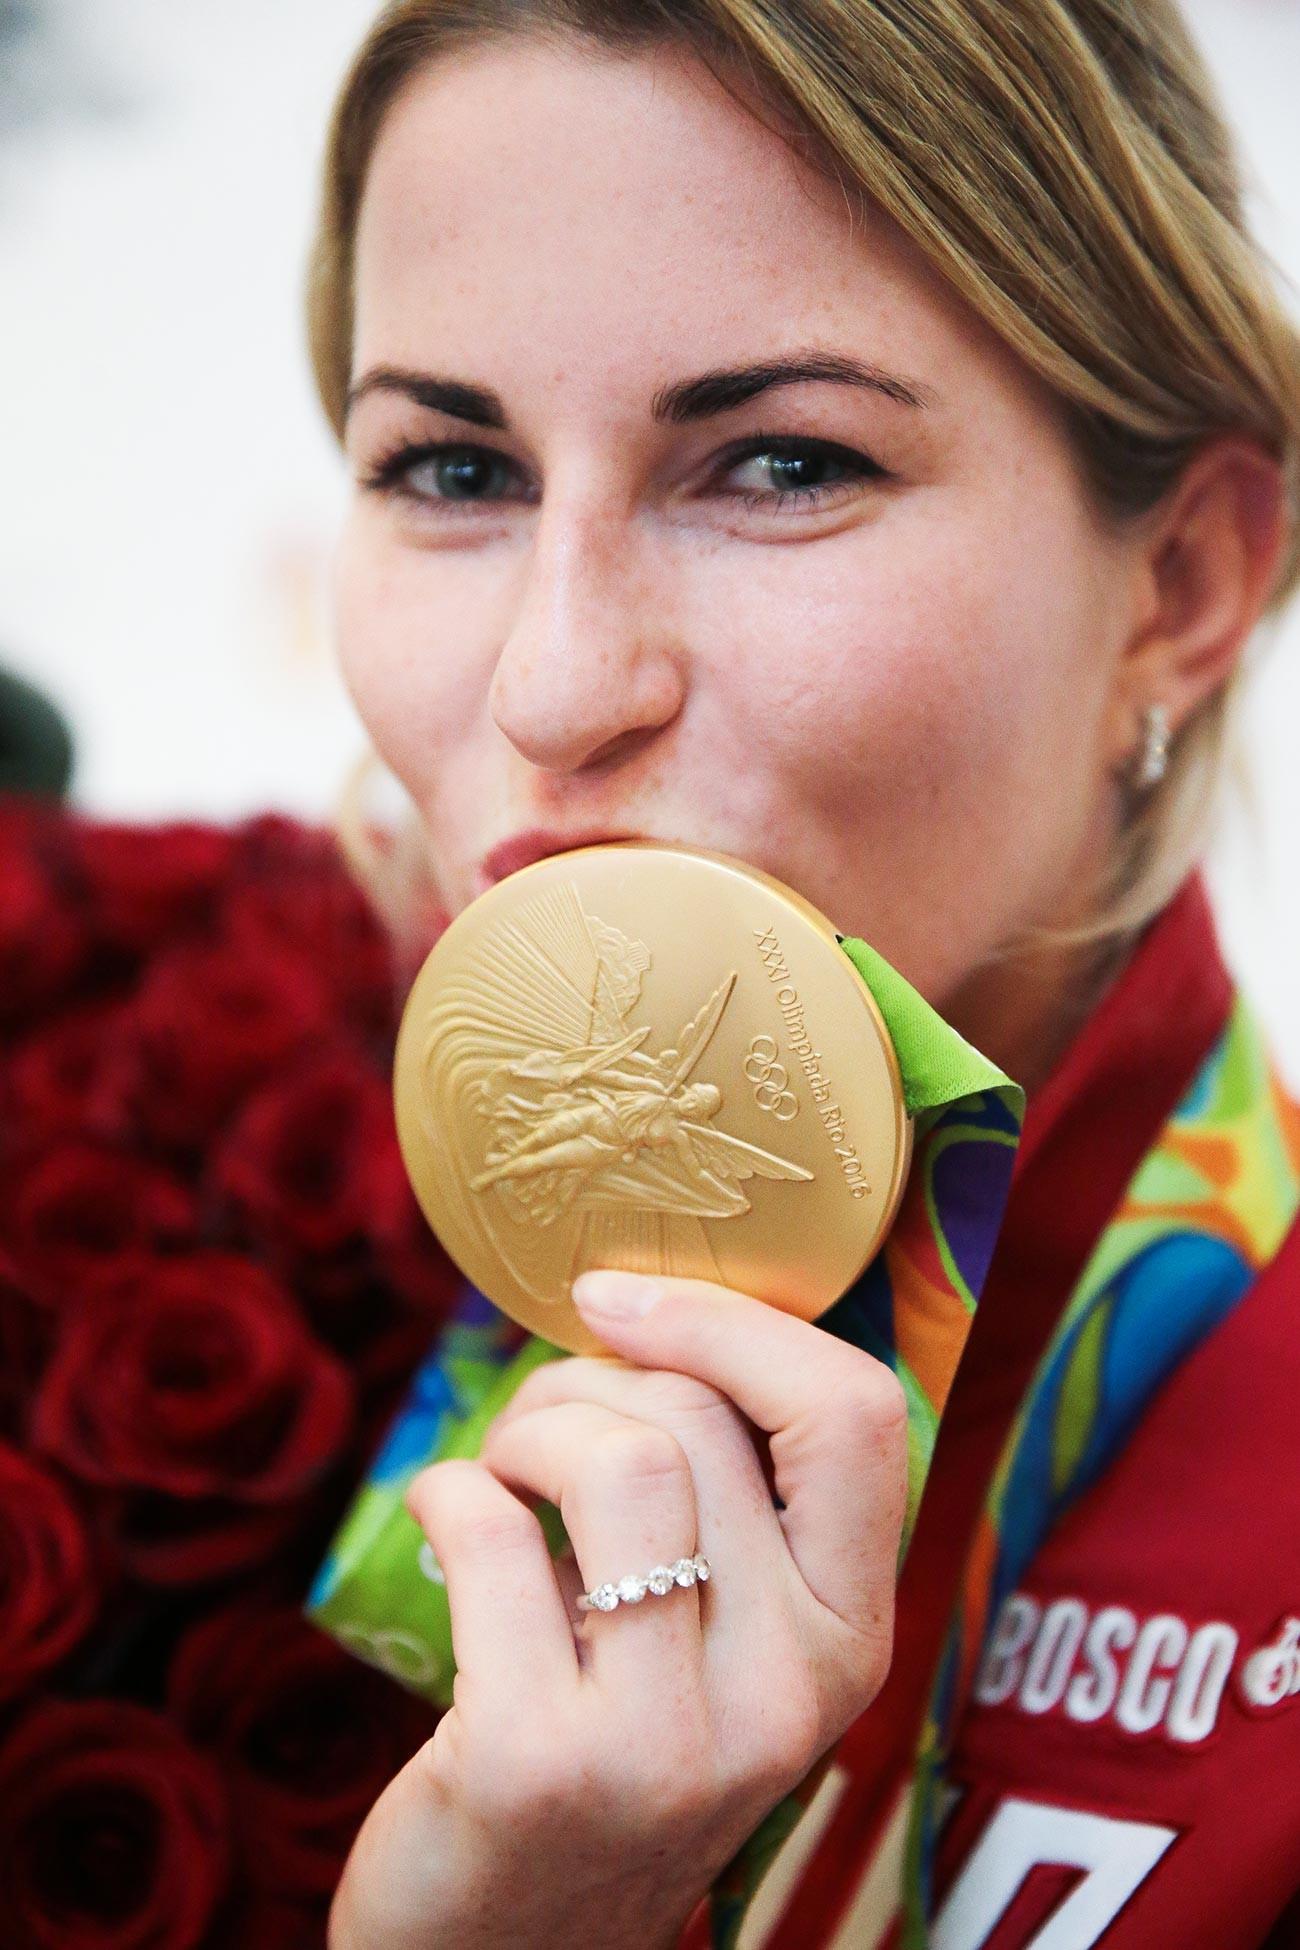 La championne olympique de fleuret Inna Deriglazova à l'aéroport Cheremetievo